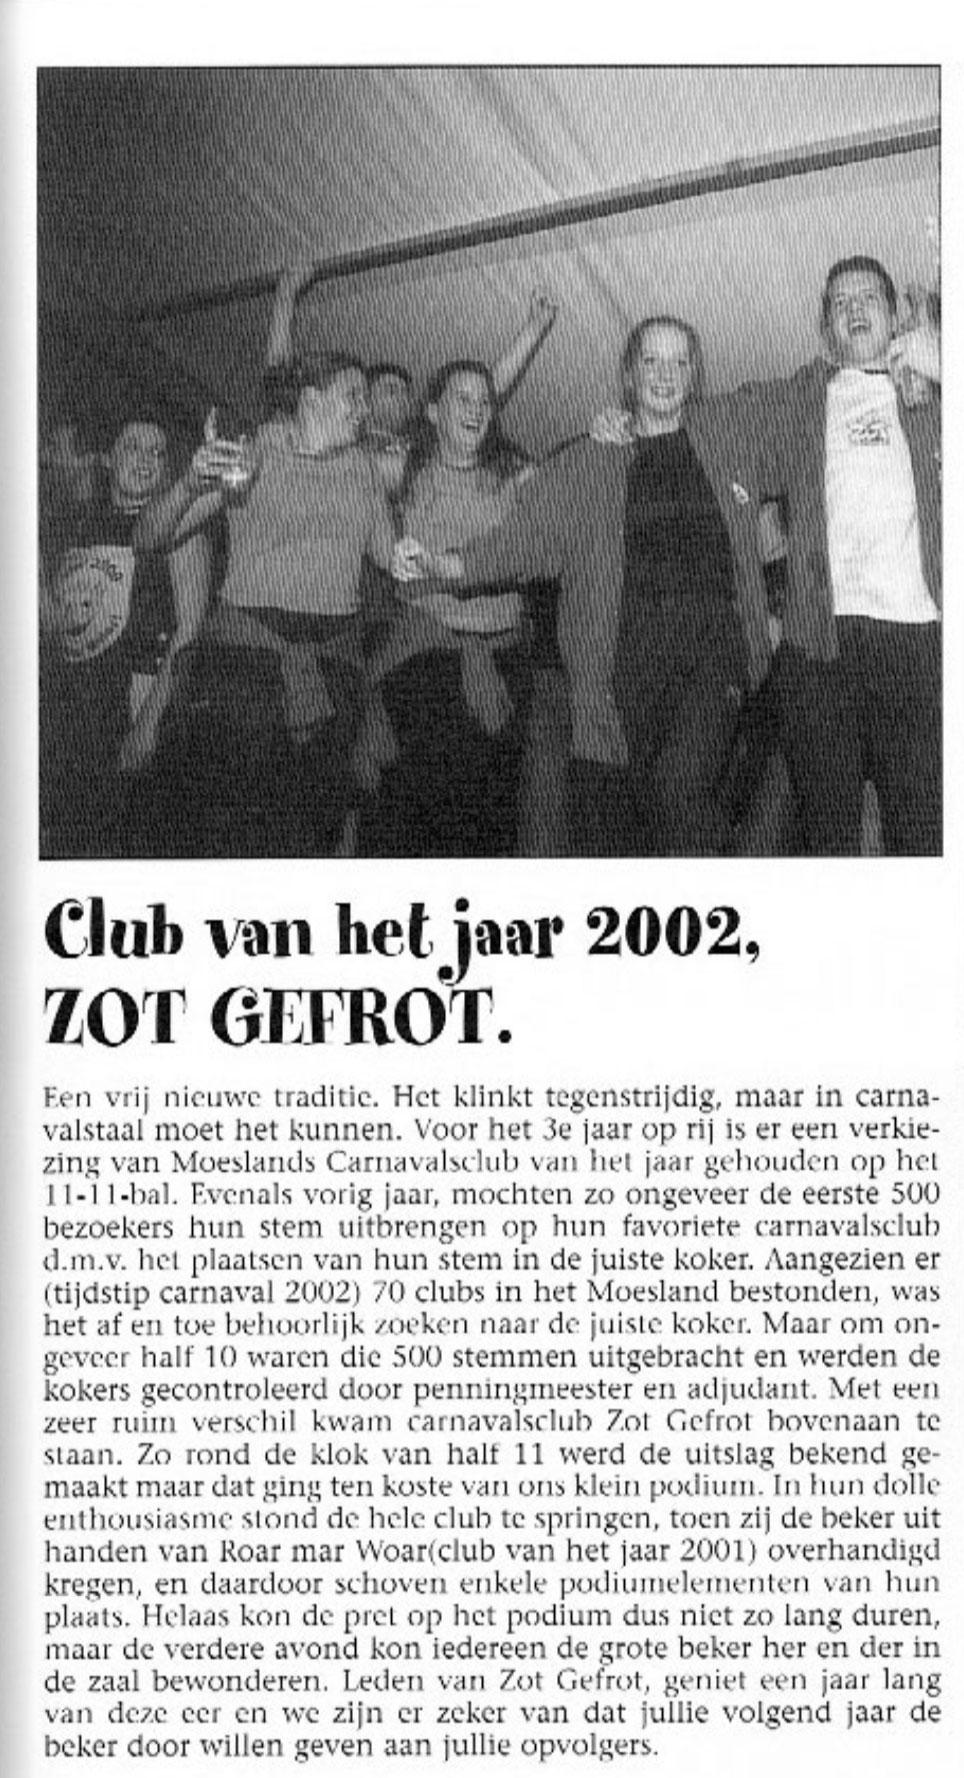 Stukje uit de carnavalskrant van Zot Gefrot - 2003